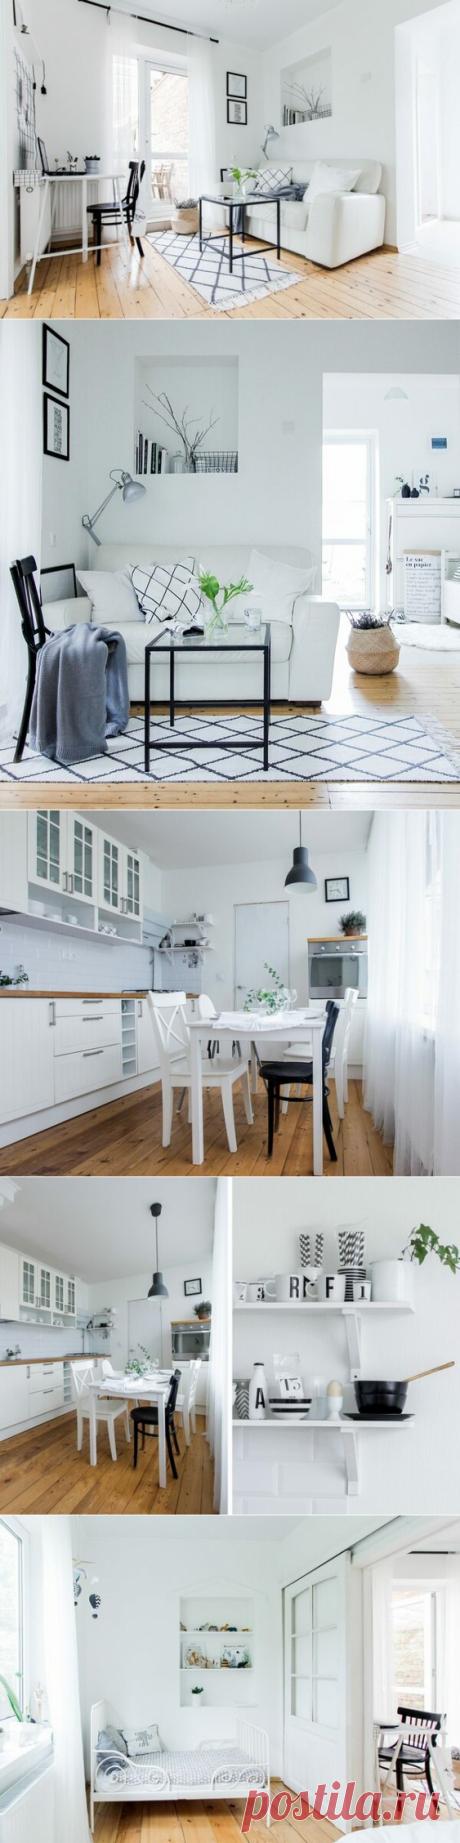 Скандинавский интерьер на 35 квадратных метрах | flqu.ru - квартирный вопрос. Блог о дизайне, ремонте